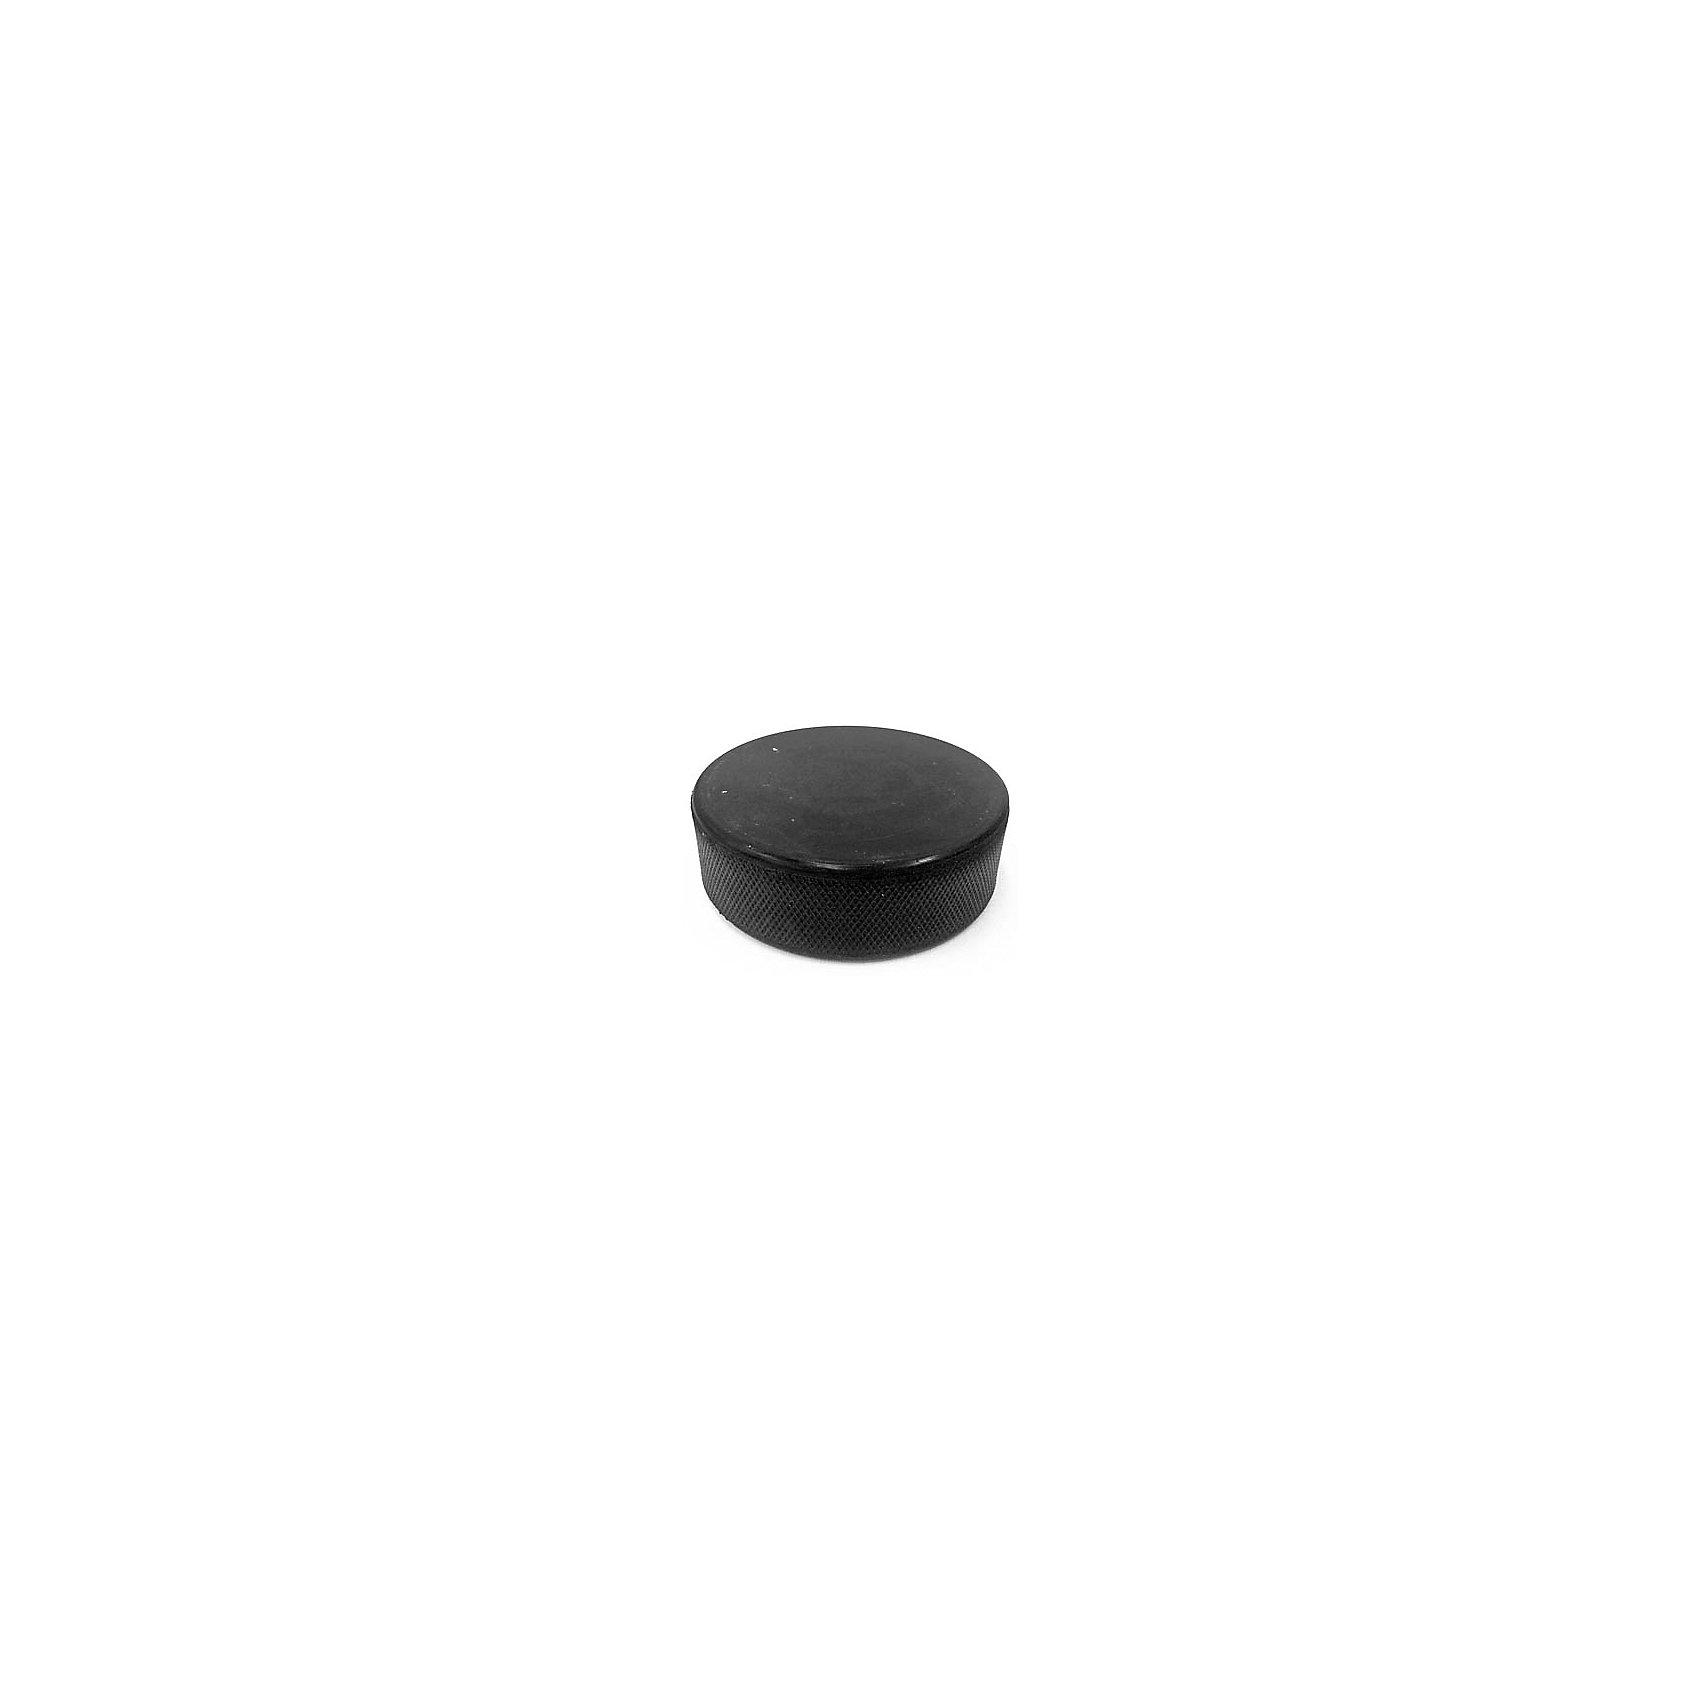 Шайба хоккейная, детскаяХоккей - один из любимых видов детского активного отдыха зимой. Хоккейная шайба Tech Team прекрасно подходит как самым маленьким спортсменам, так и детям постарше. Прочные износостойкие материалы обеспечивают долгий срок использования. Шайба традиционного черного цвета, хорошо приметна на льду. Изготовлена из вулканизированной резины, защищающей от возможных травм во время игры.<br><br>Дополнительная информация:<br><br>- Материал: вулканизированная резина.<br>- Размер: 6 х 6 х 2 см.<br>- Вес: 140 гр. <br><br>Шайбу хоккейную, детскую, Tech Team, можно купить в нашем интернет-магазине.<br><br>Ширина мм: 6<br>Глубина мм: 6<br>Высота мм: 2<br>Вес г: 1400<br>Возраст от месяцев: 60<br>Возраст до месяцев: 192<br>Пол: Мужской<br>Возраст: Детский<br>SKU: 4383773